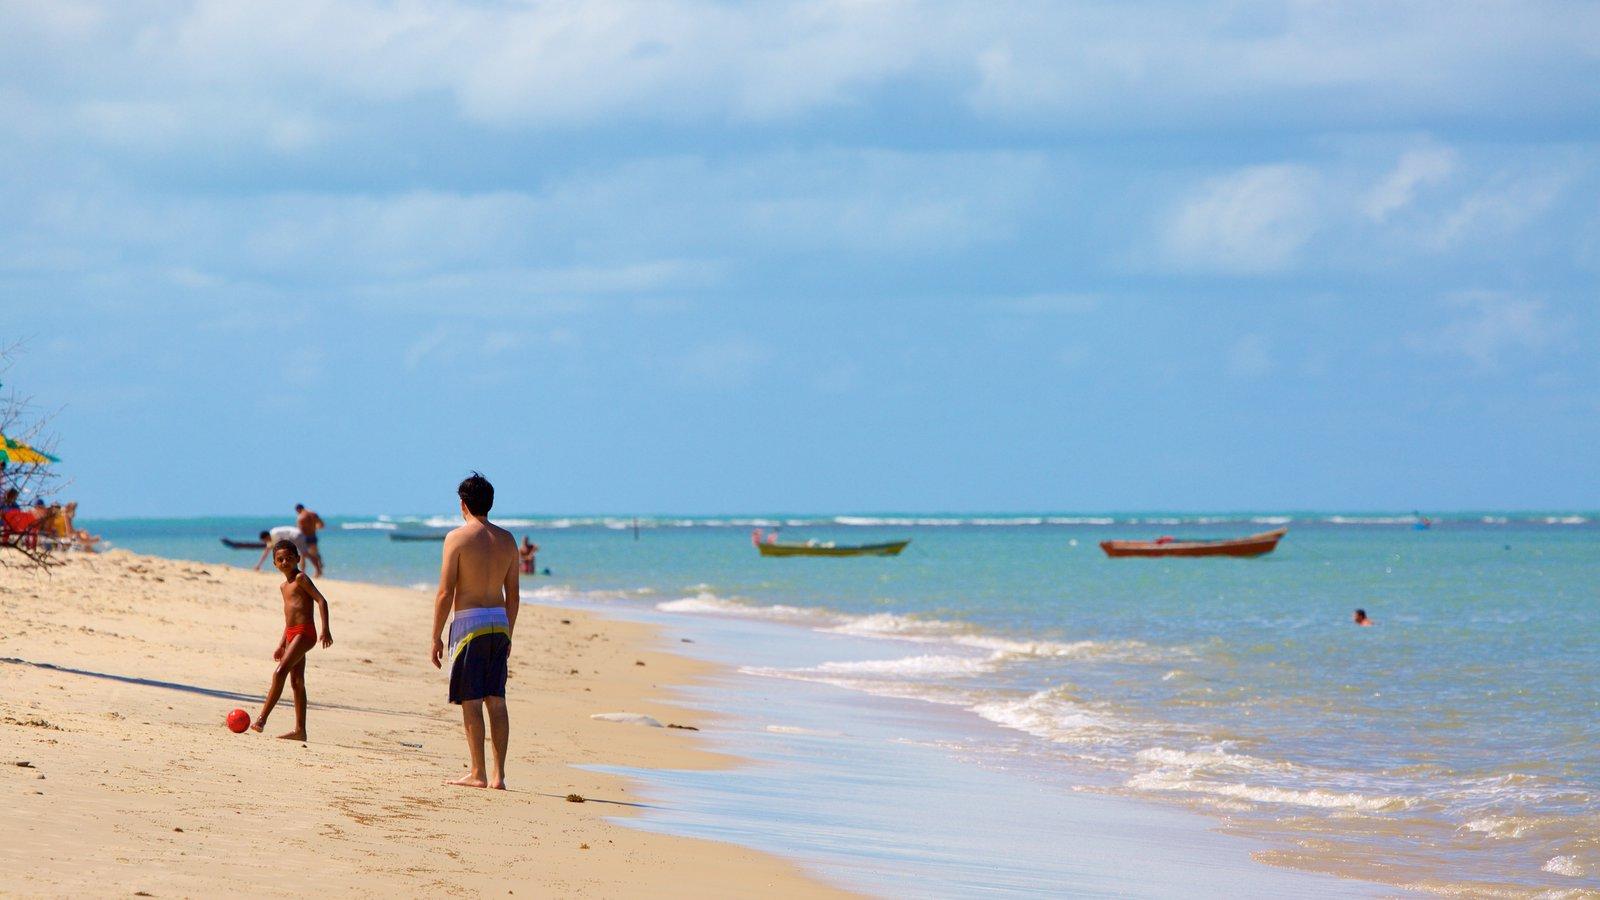 Praia do Mutá mostrando uma praia de areia e paisagens litorâneas assim como um pequeno grupo de pessoas